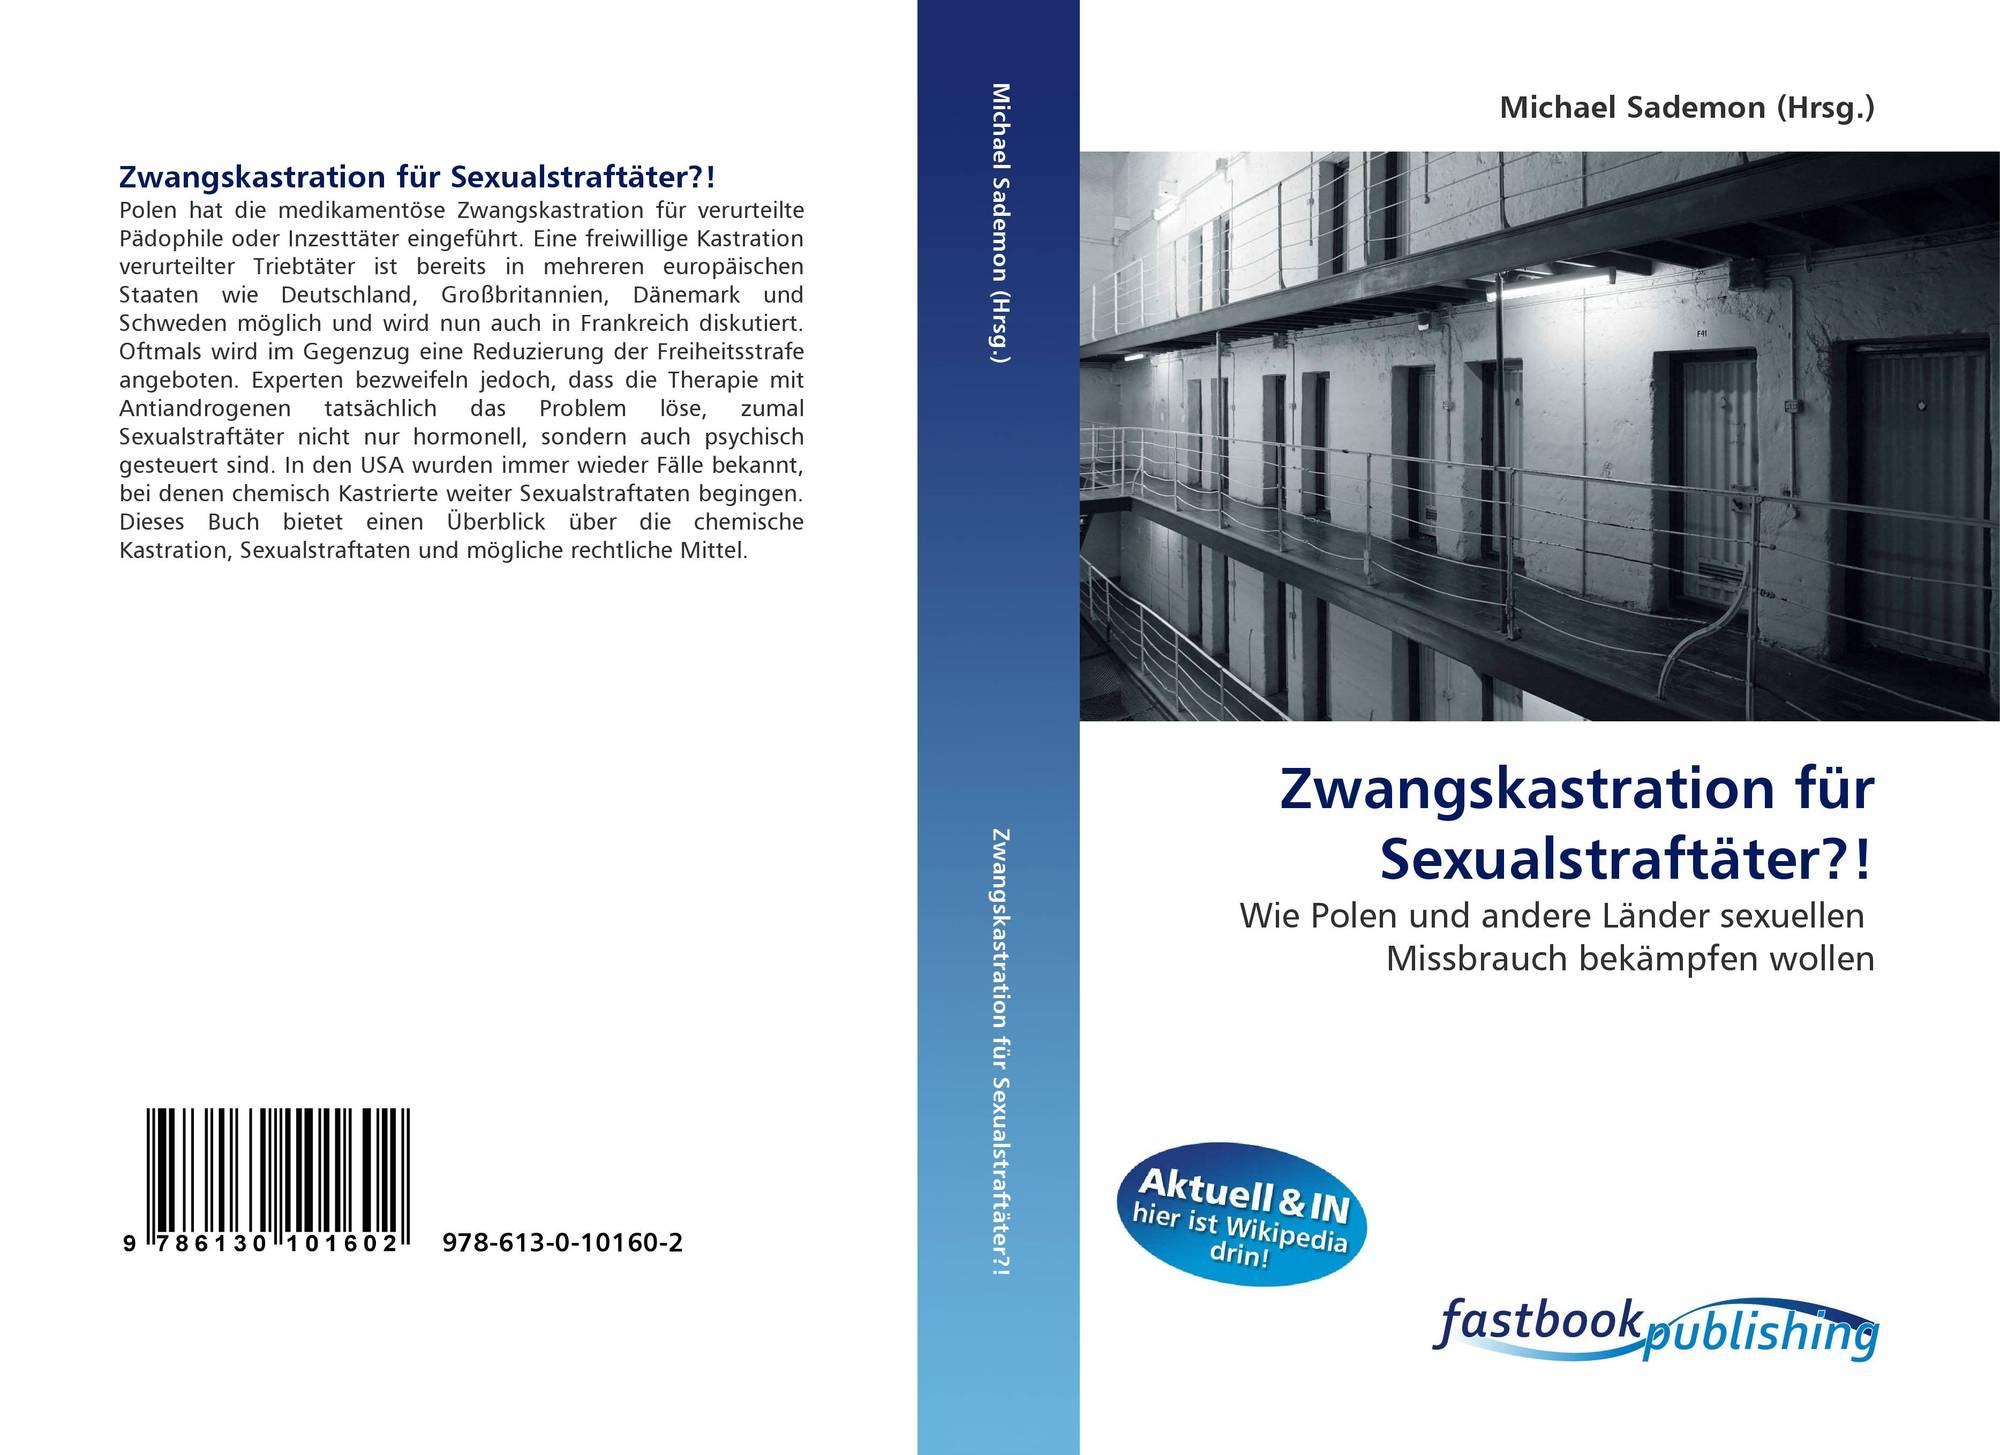 sexualstraftater chemische kastration